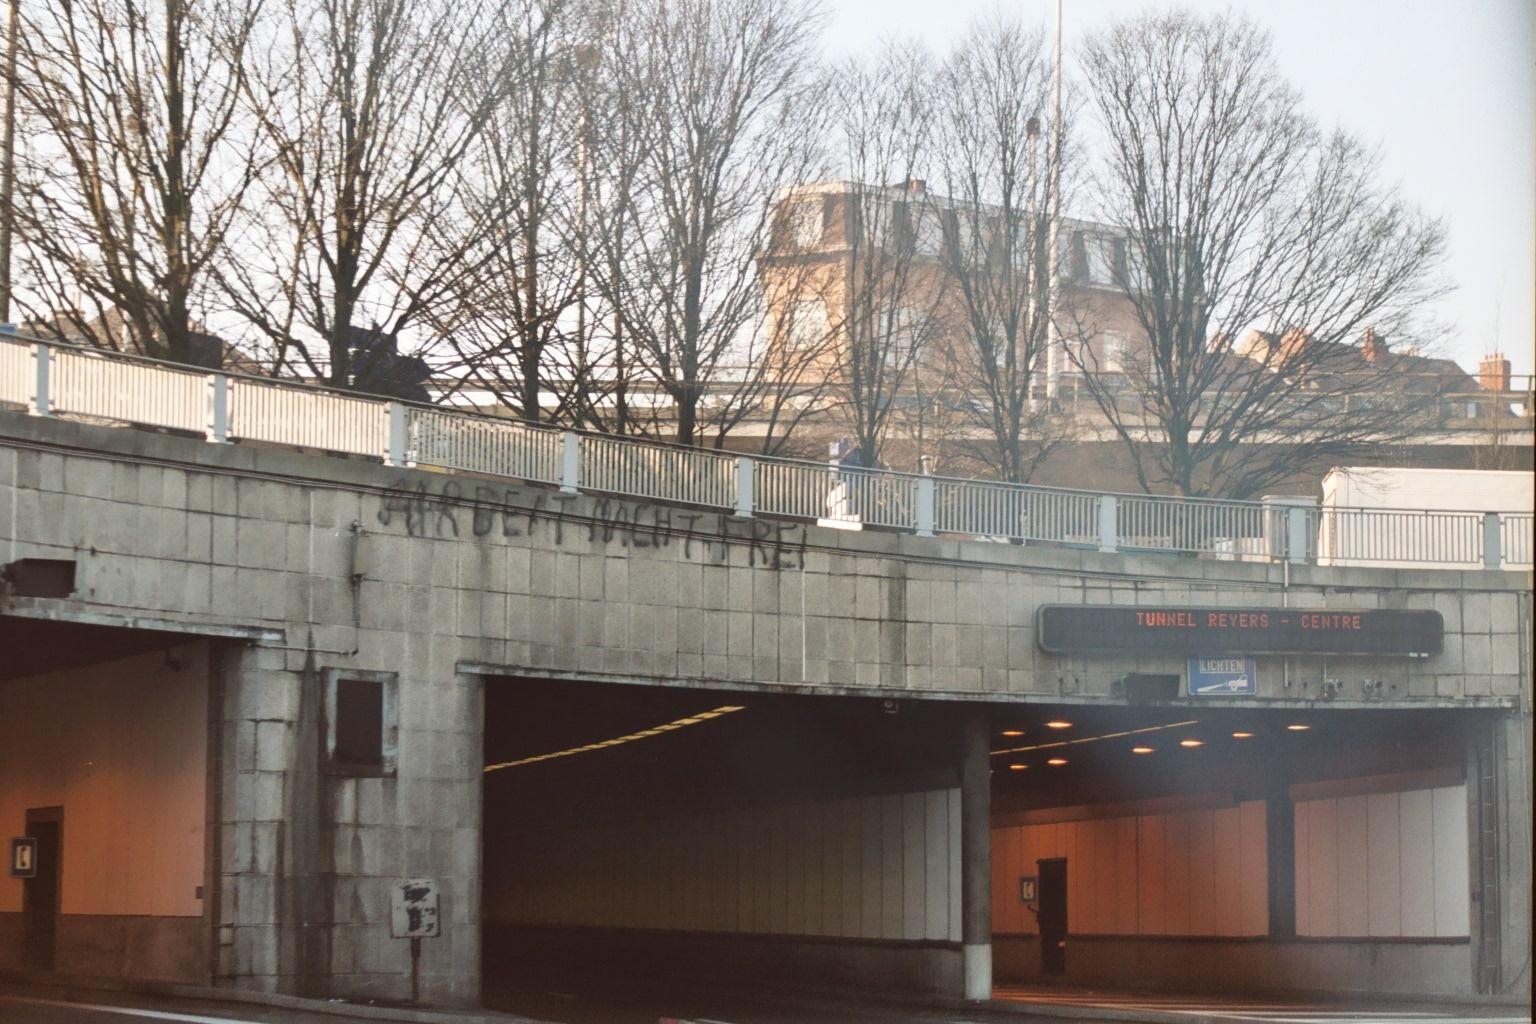 Inscription à l'entrée du tunnel Reyers à Bruxelles